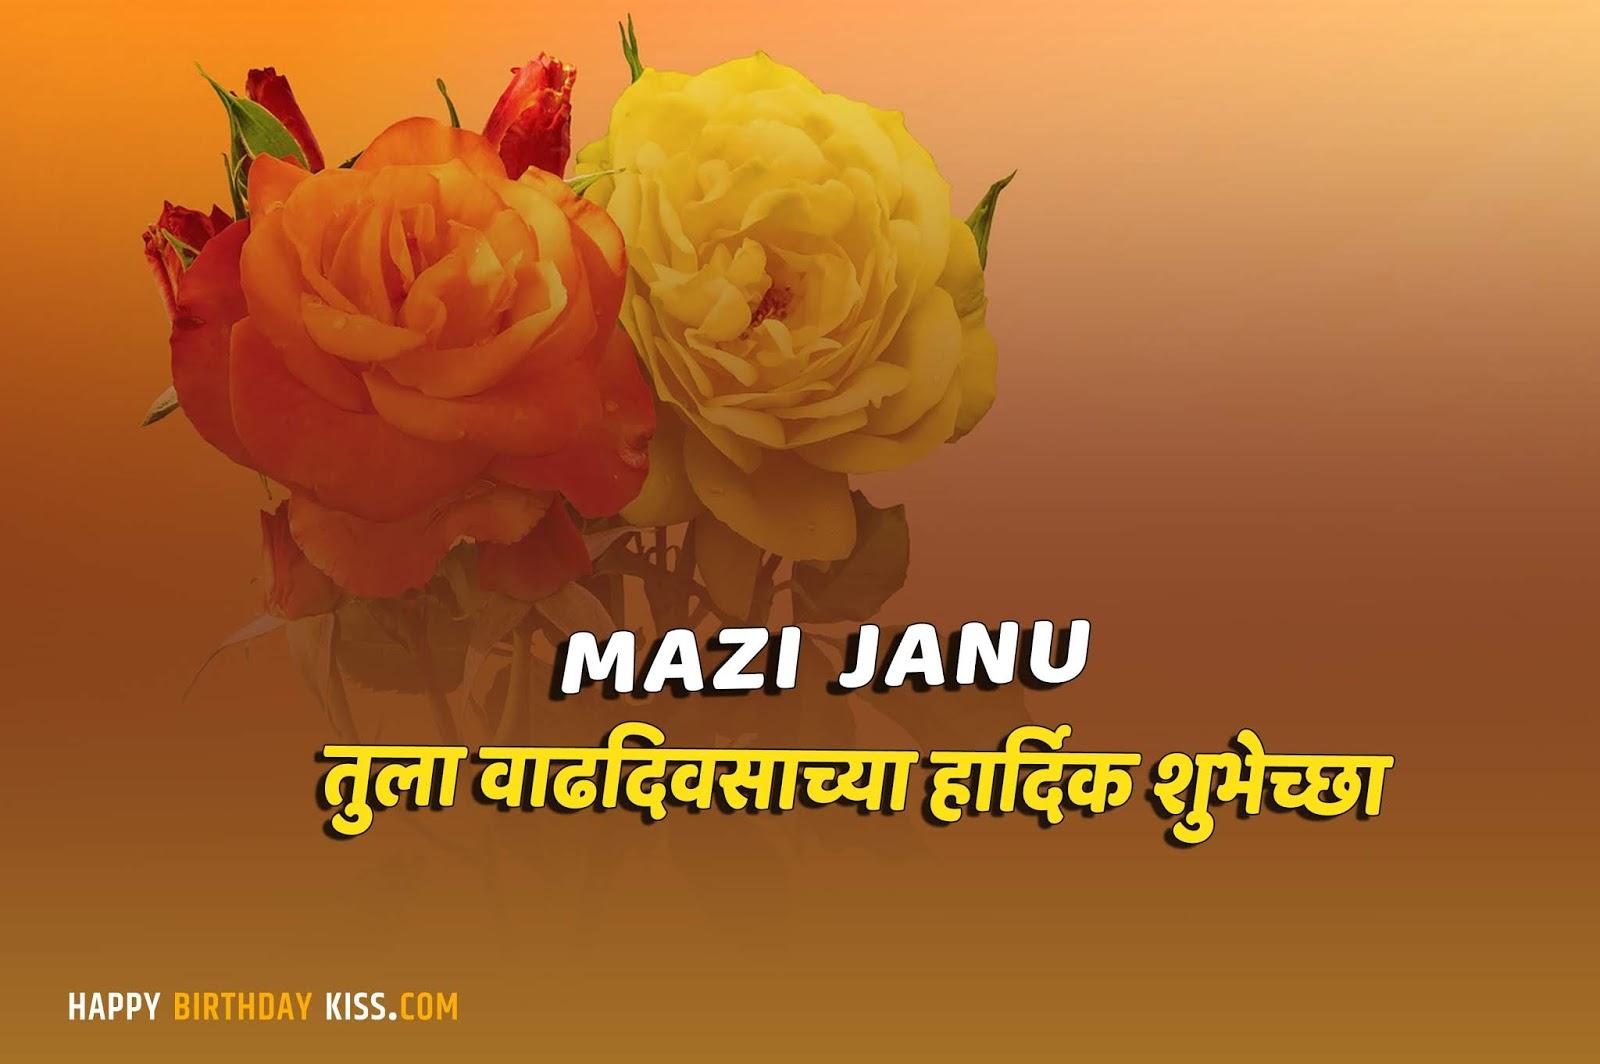 Happy birthday wish marathi pic